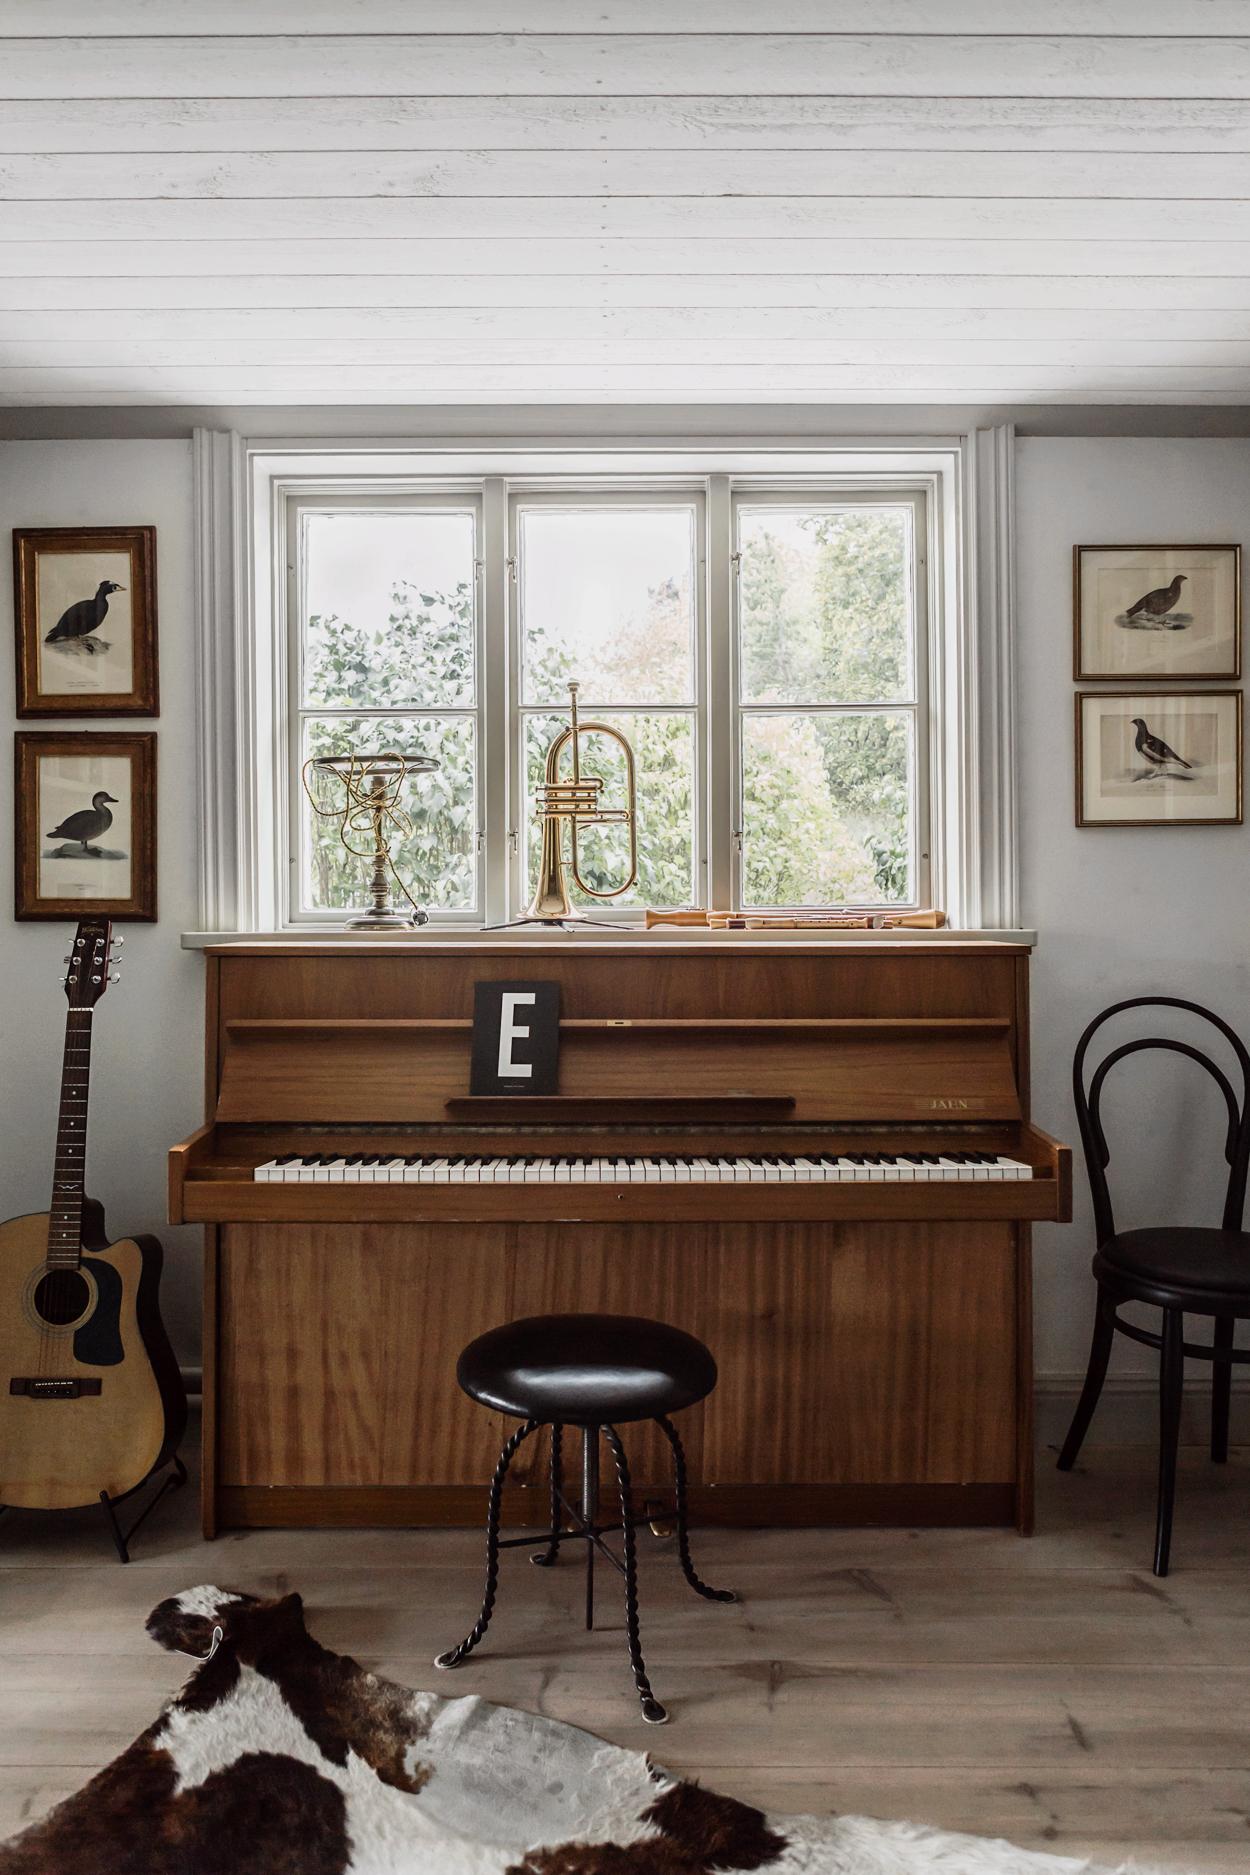 дом музыкальный уголок фортепиано гитара духовая труба